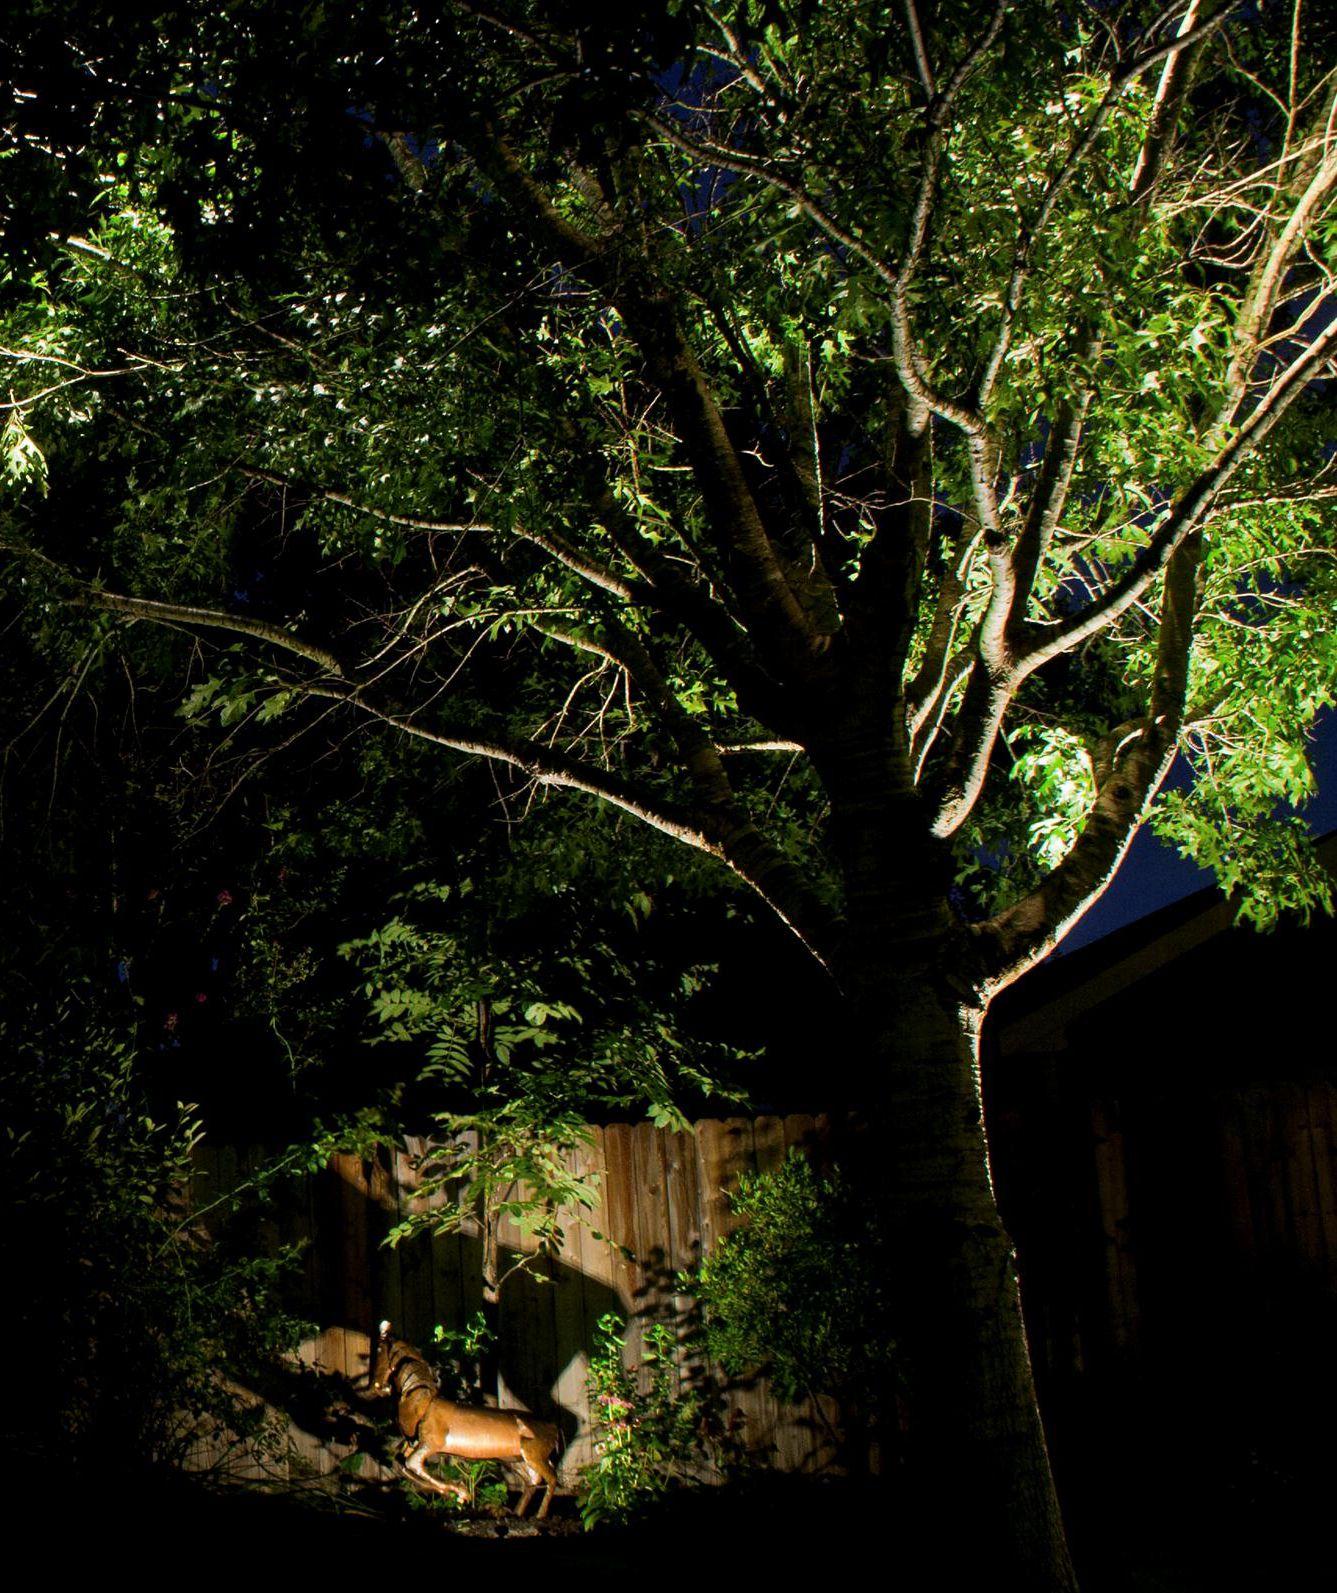 Led Outdoor Landscape Lighting In Central Texas By Www Night Scenes Com Landscape Lighting Led Outdoor Landscape Lighting Outdoor Landscape Lighting